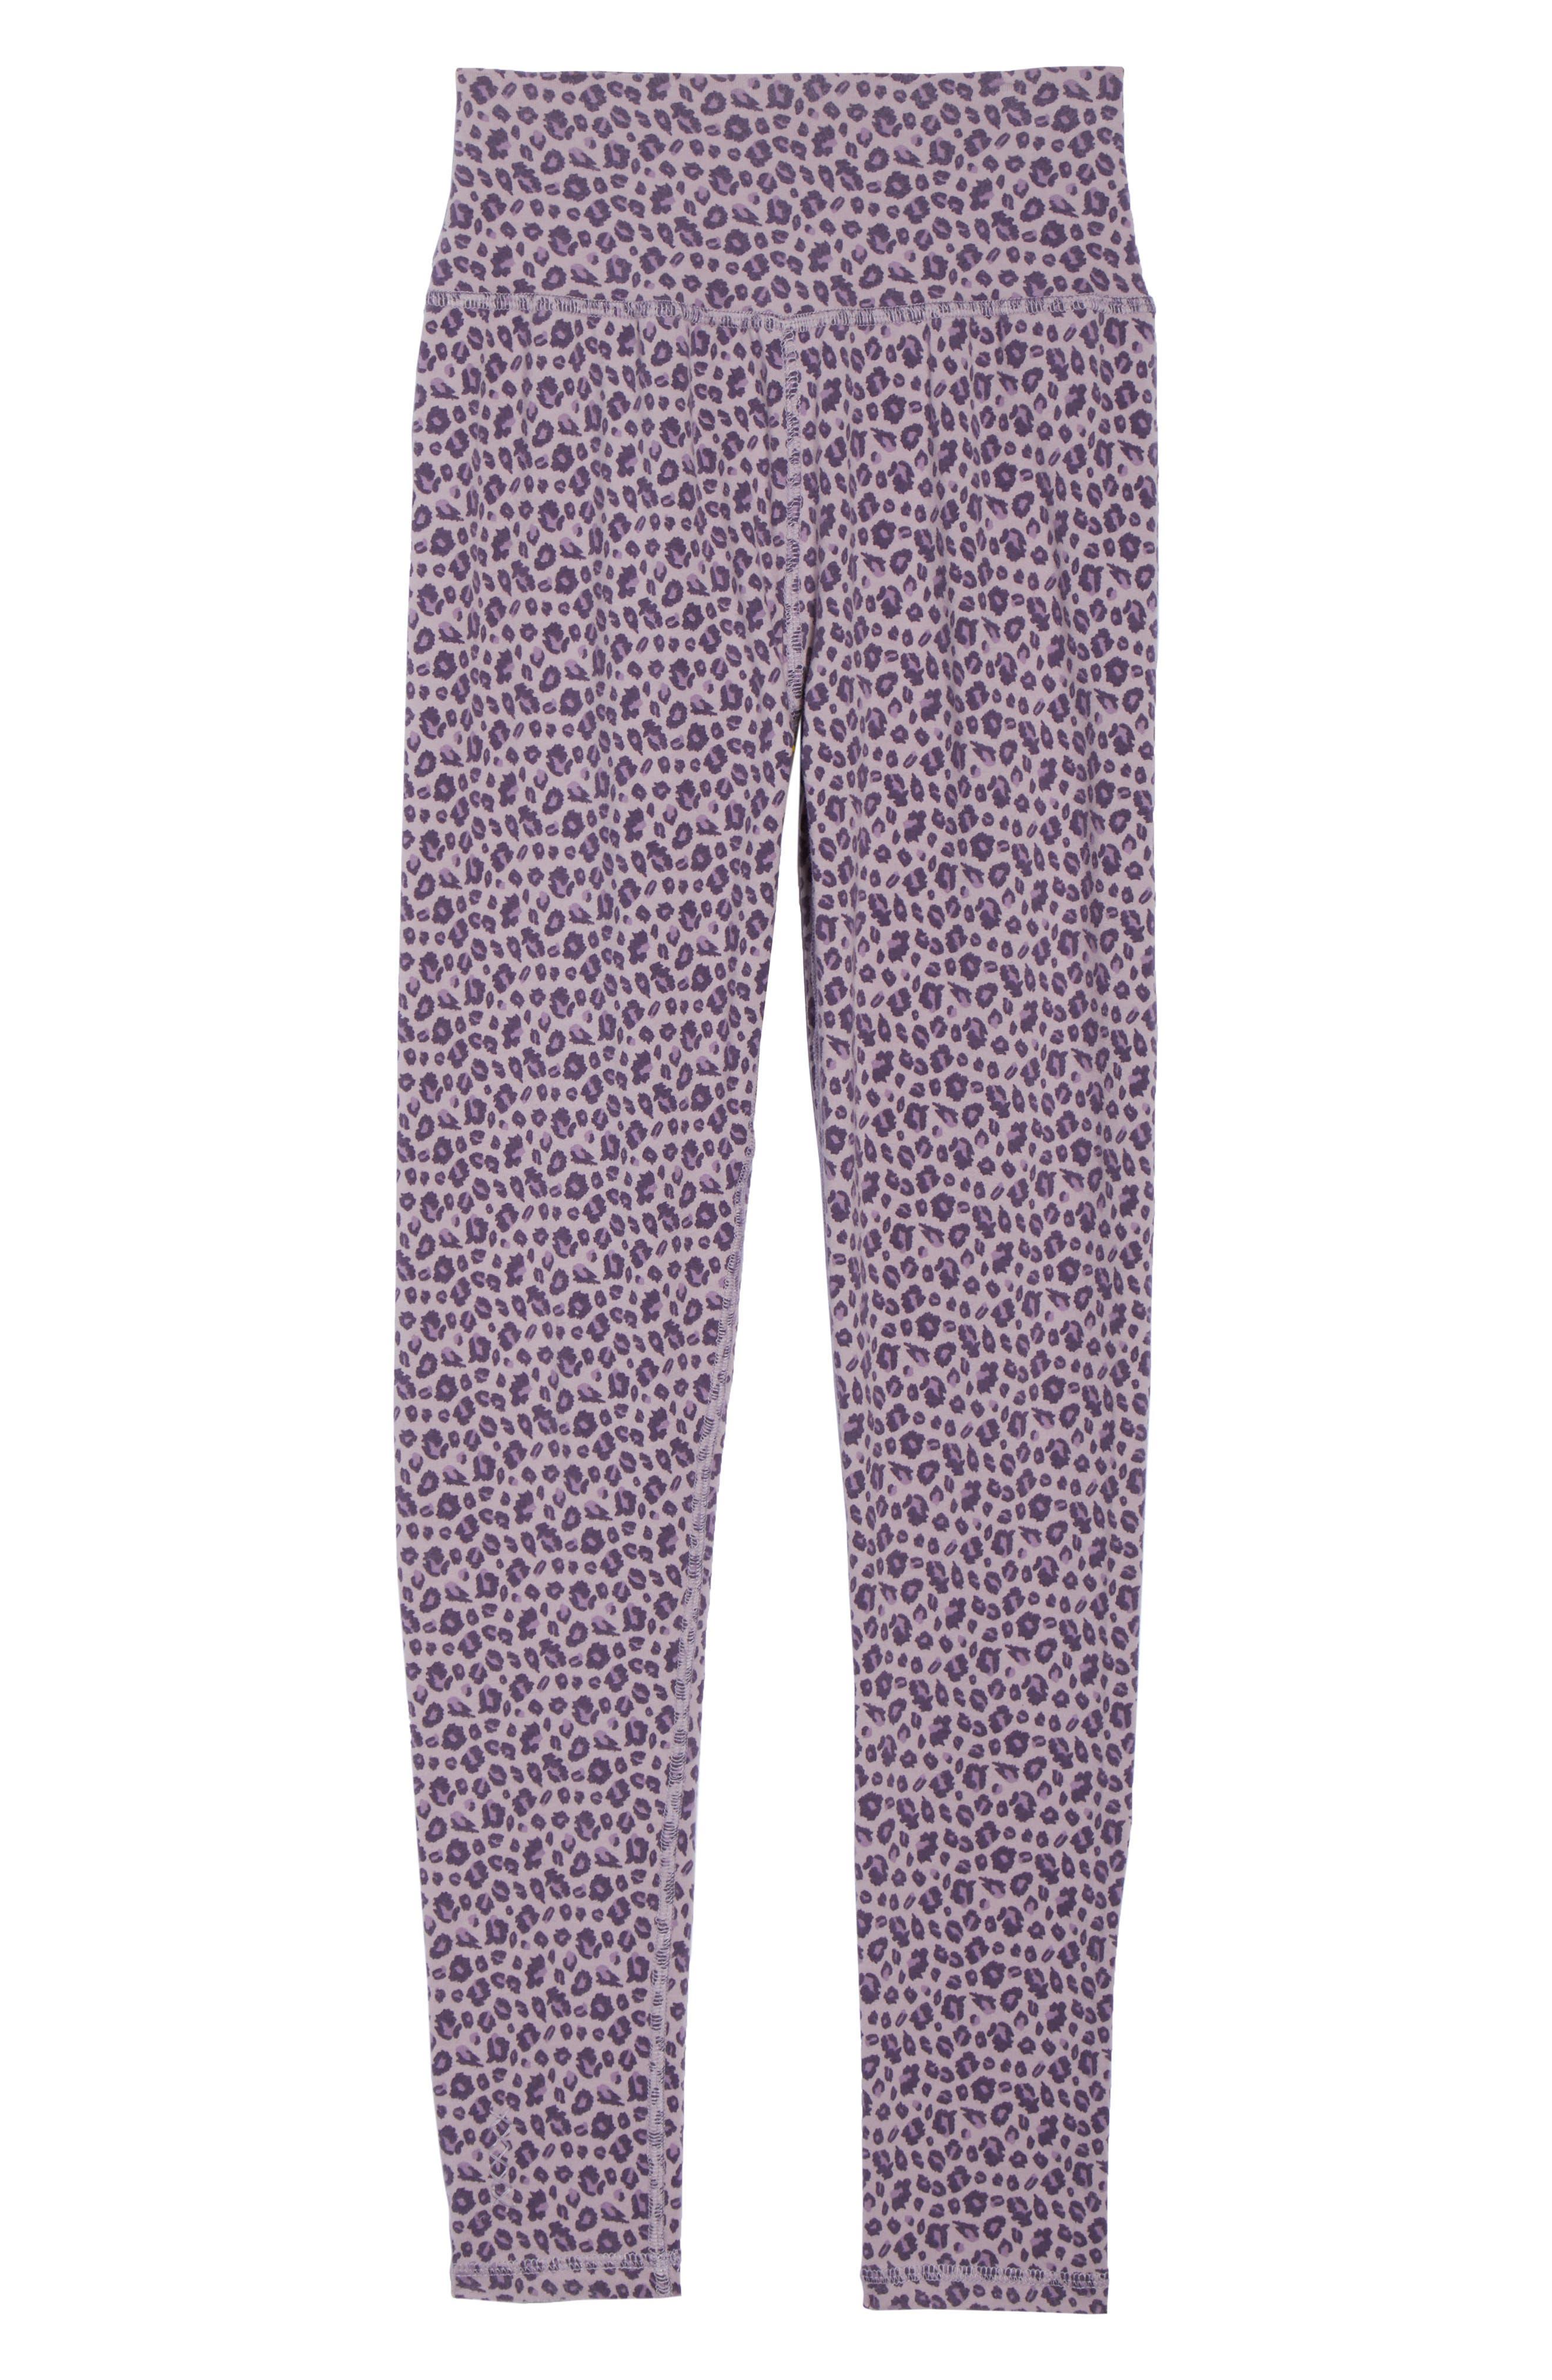 Leopard Print Leggings,                             Alternate thumbnail 6, color,                             LILAC LEOPARD